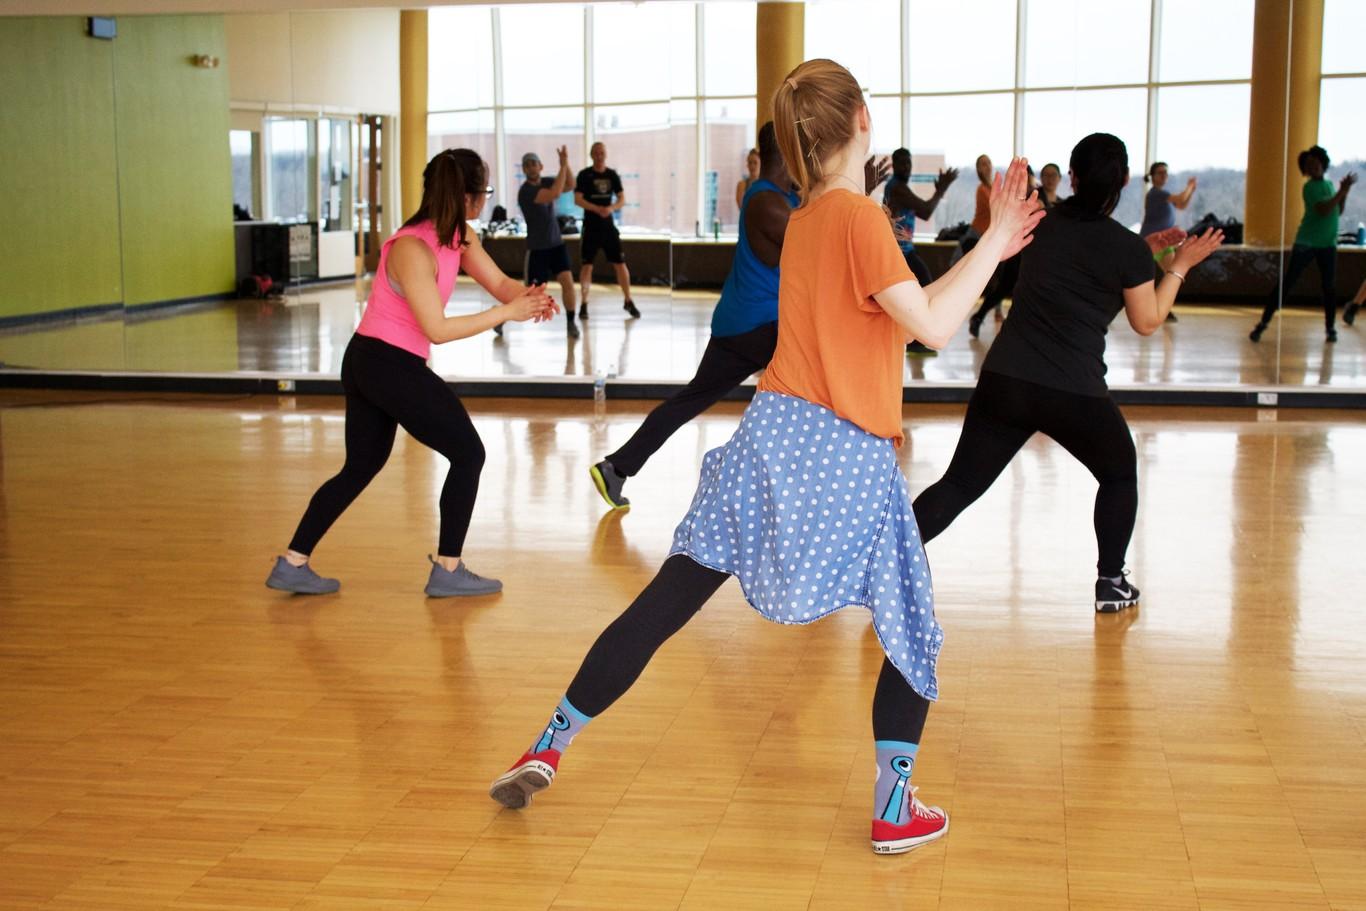 adelgazar bailando bachata en hombres